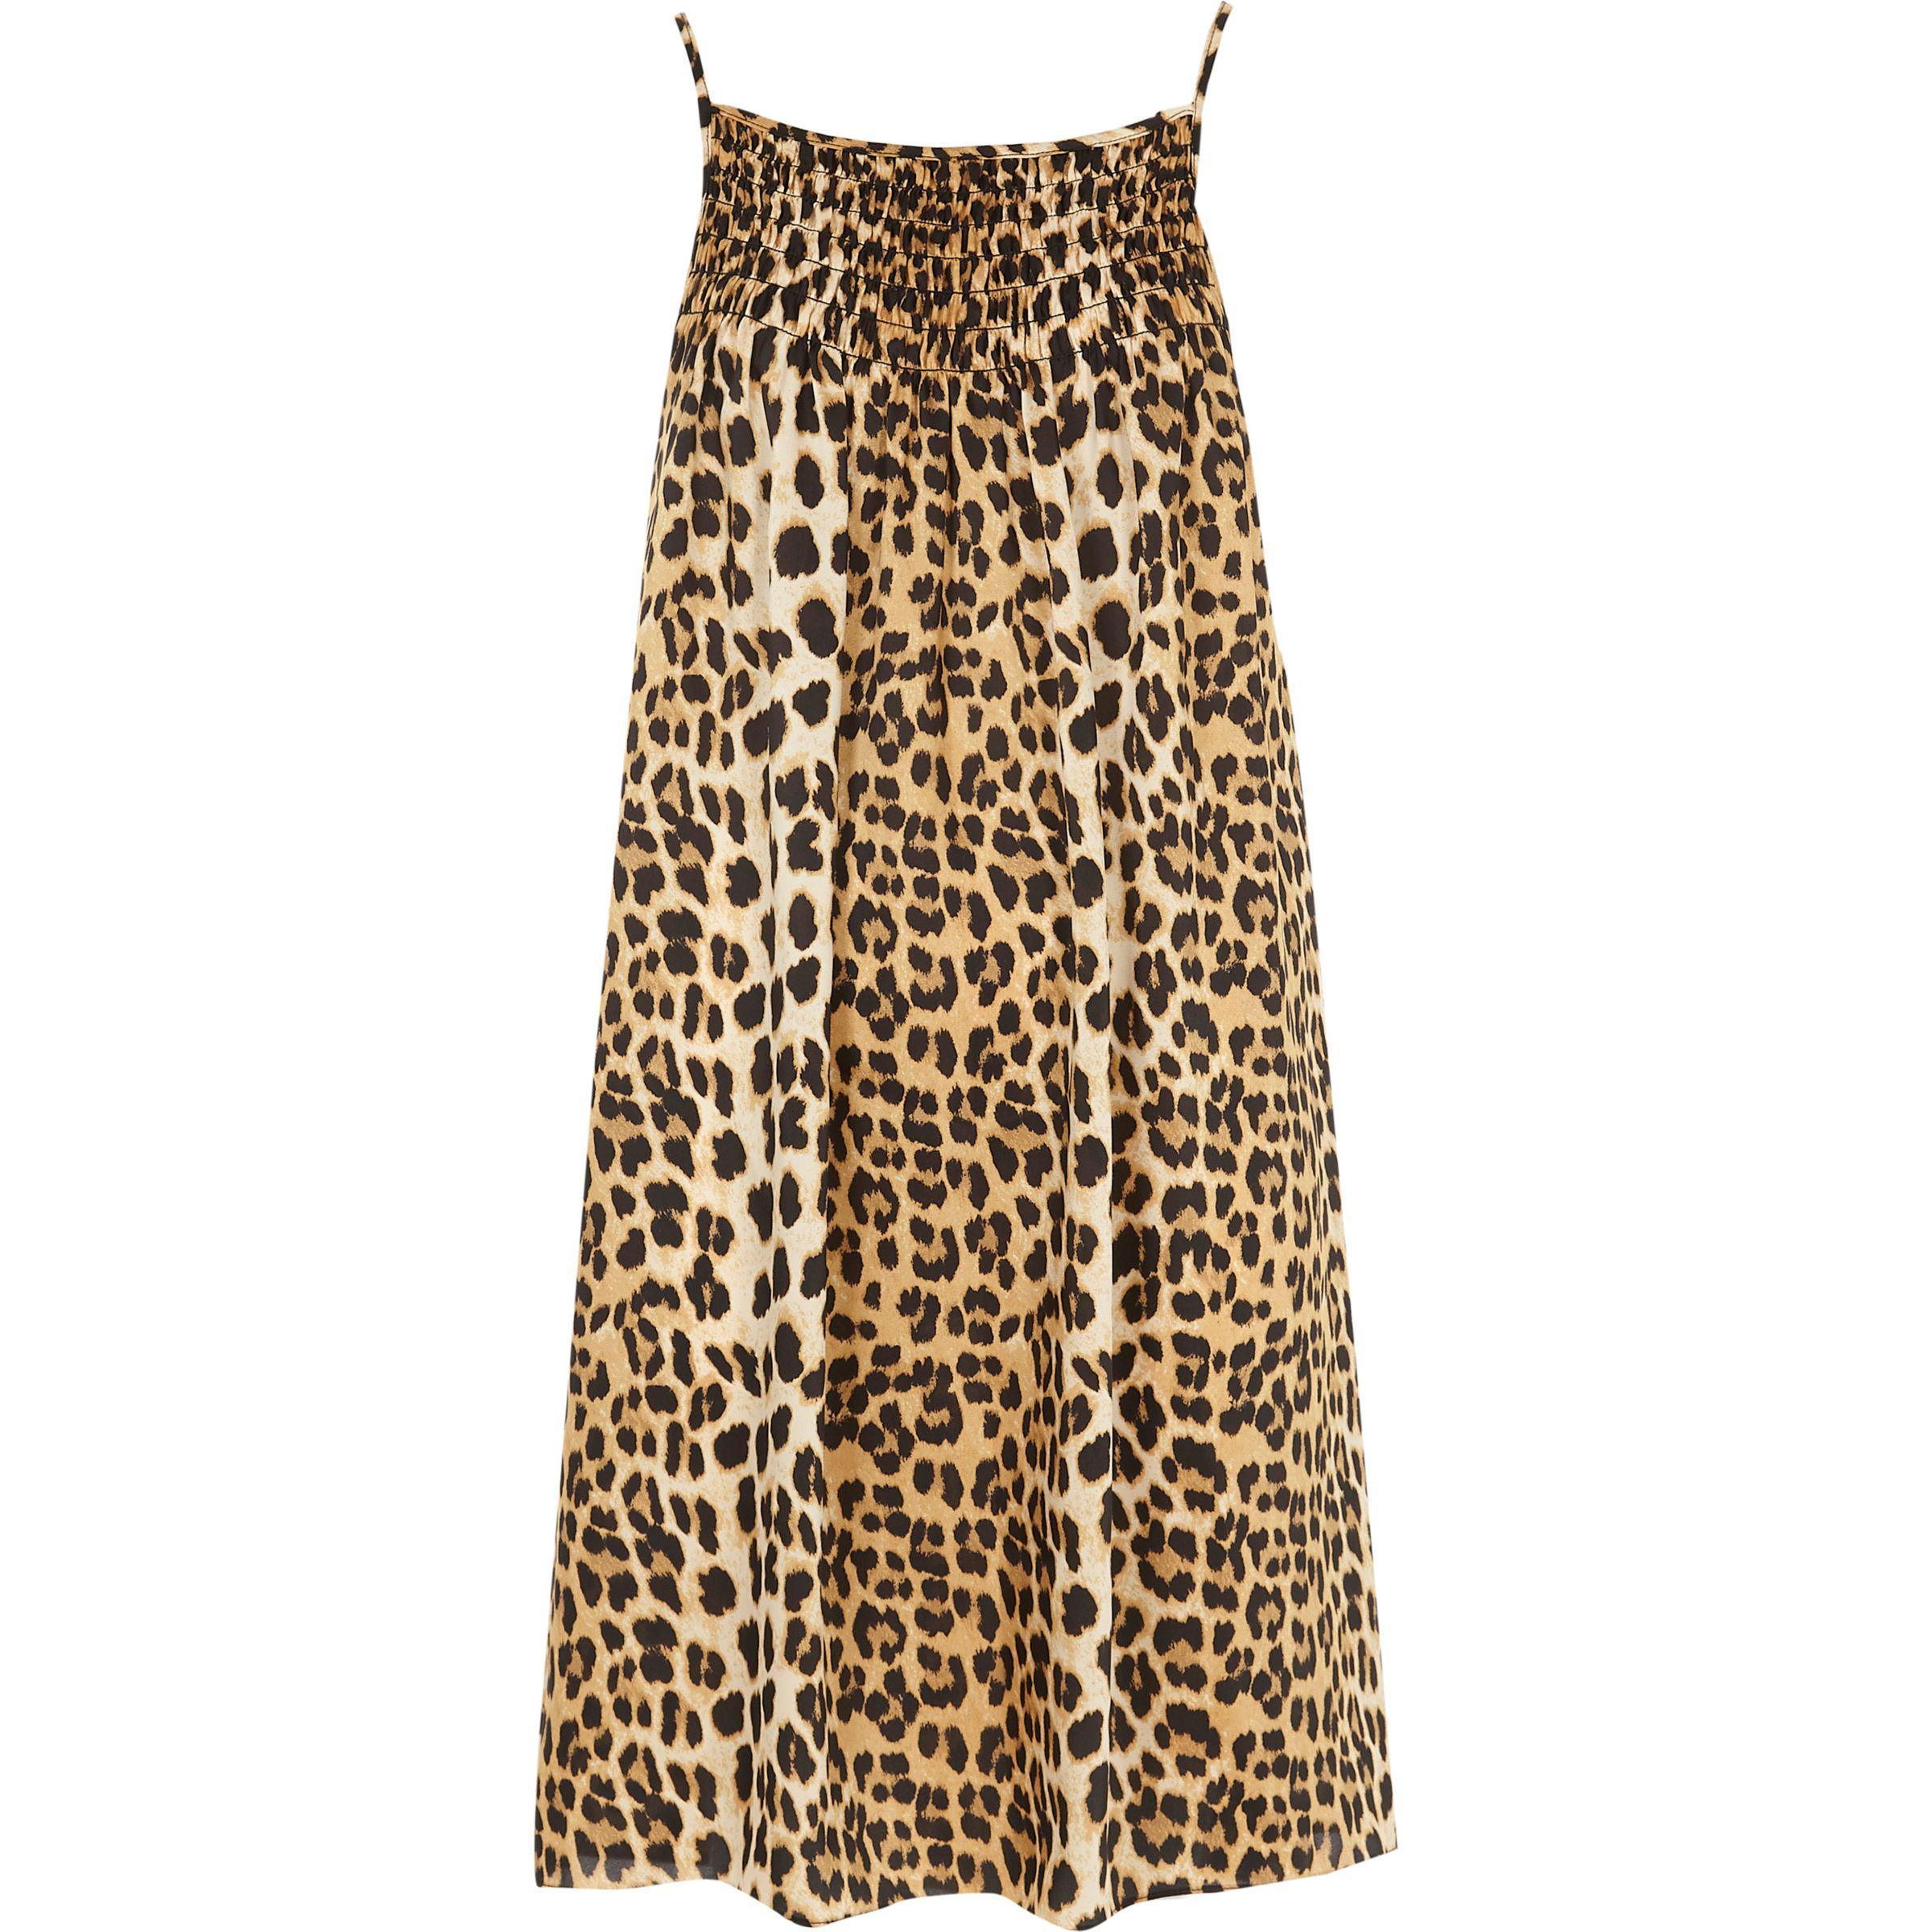 2e044c5a7c Lyst - River Island Leopard Print Slip Mini Dress in Brown